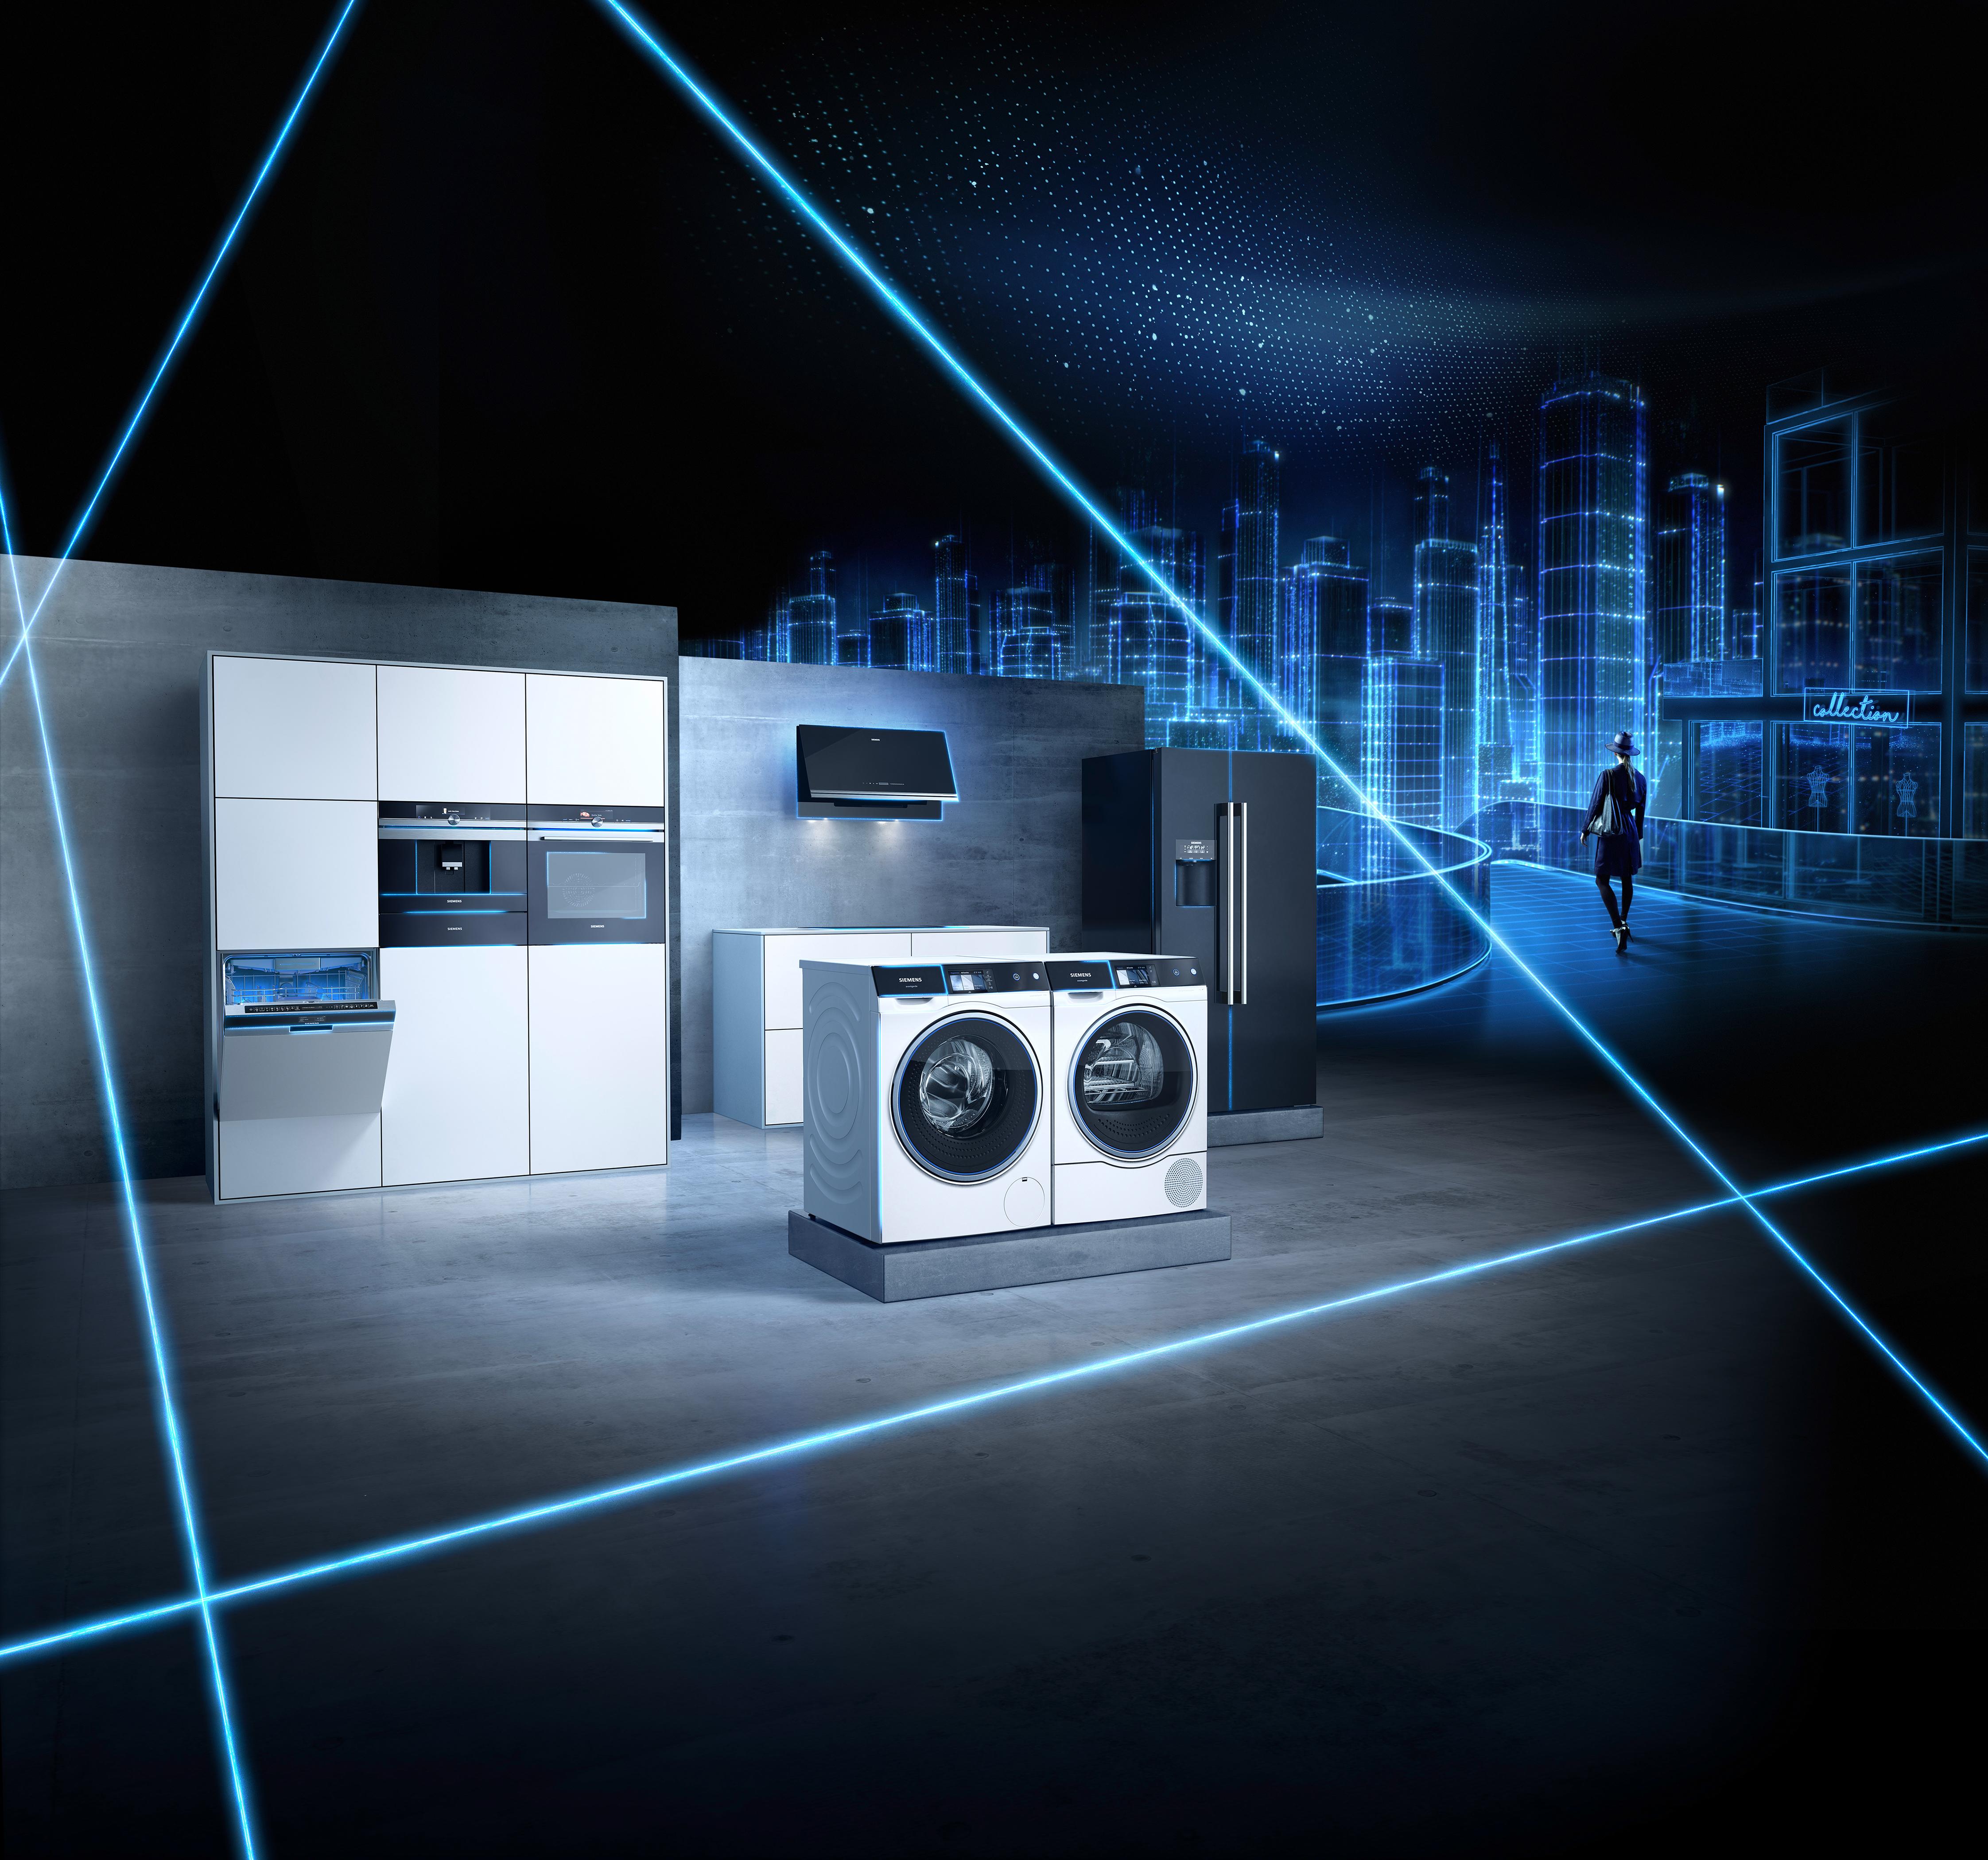 vernetzung im haushalt was kommt und was bleibt siemens hausger te zeigt auf der. Black Bedroom Furniture Sets. Home Design Ideas